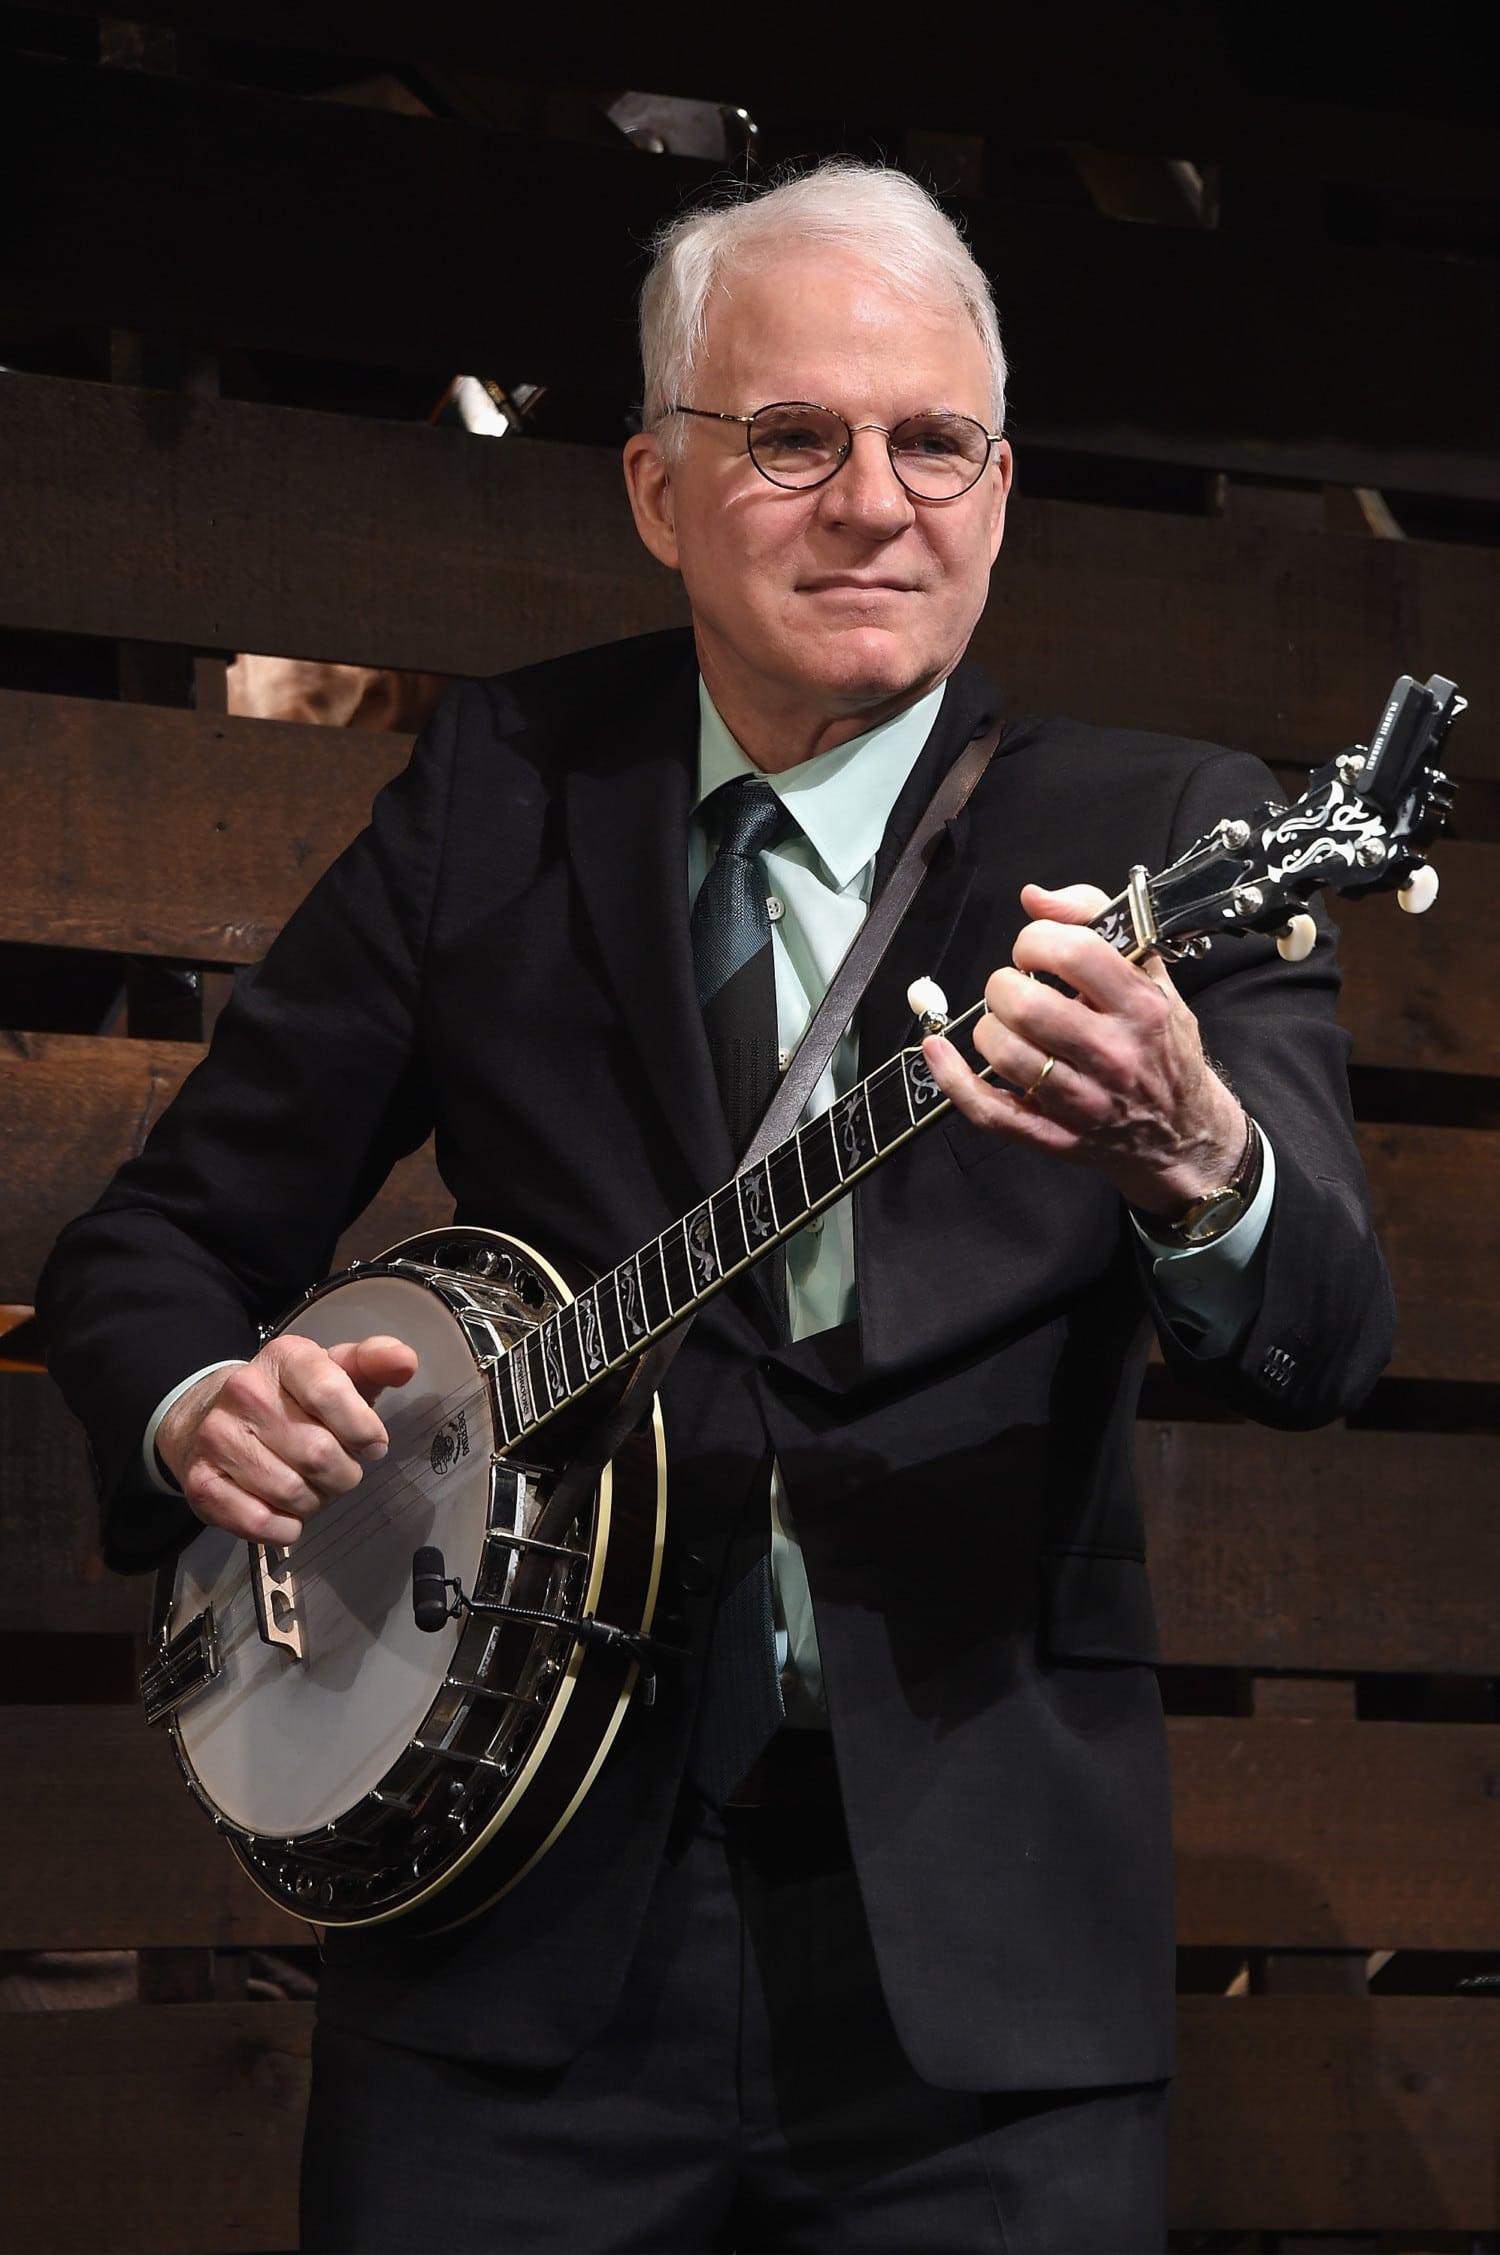 steve martin banjo photo